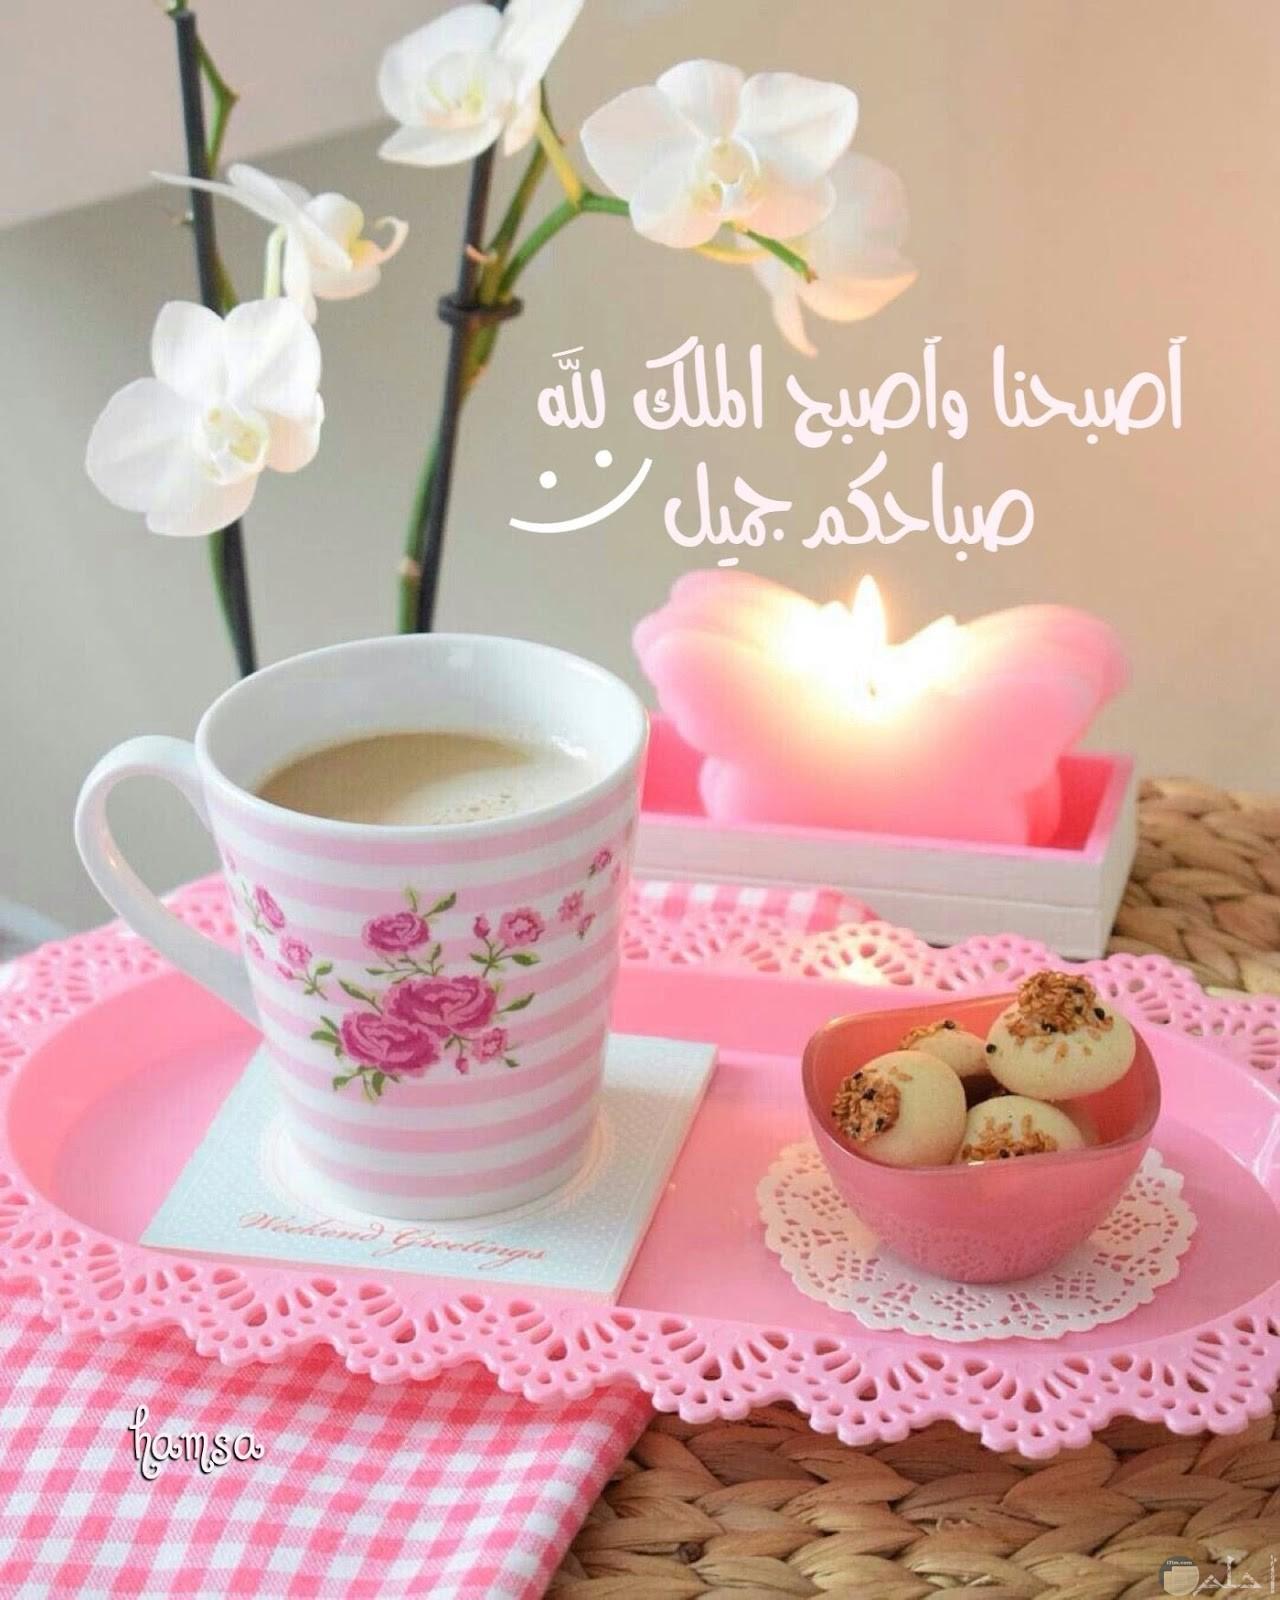 صباح الخير اجمل الصور المعبرة عن احلى صباح